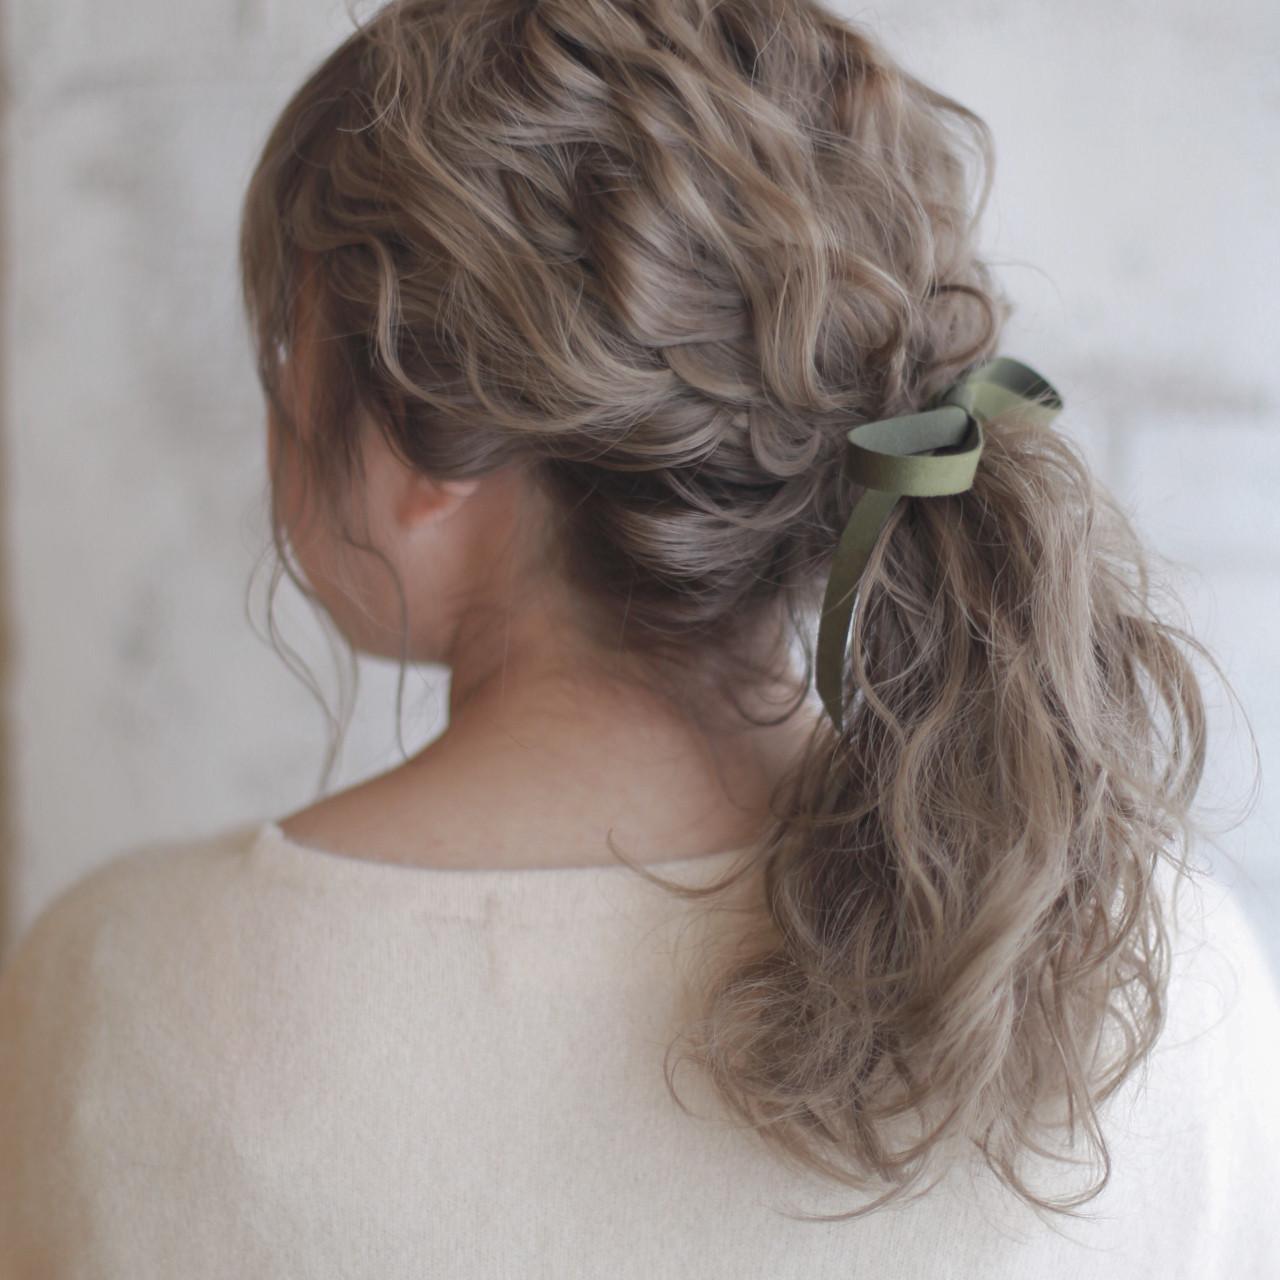 ショート パーマ ヘアアレンジ ミディアム ヘアスタイルや髪型の写真・画像 | 廣田哲也 / nalu hair